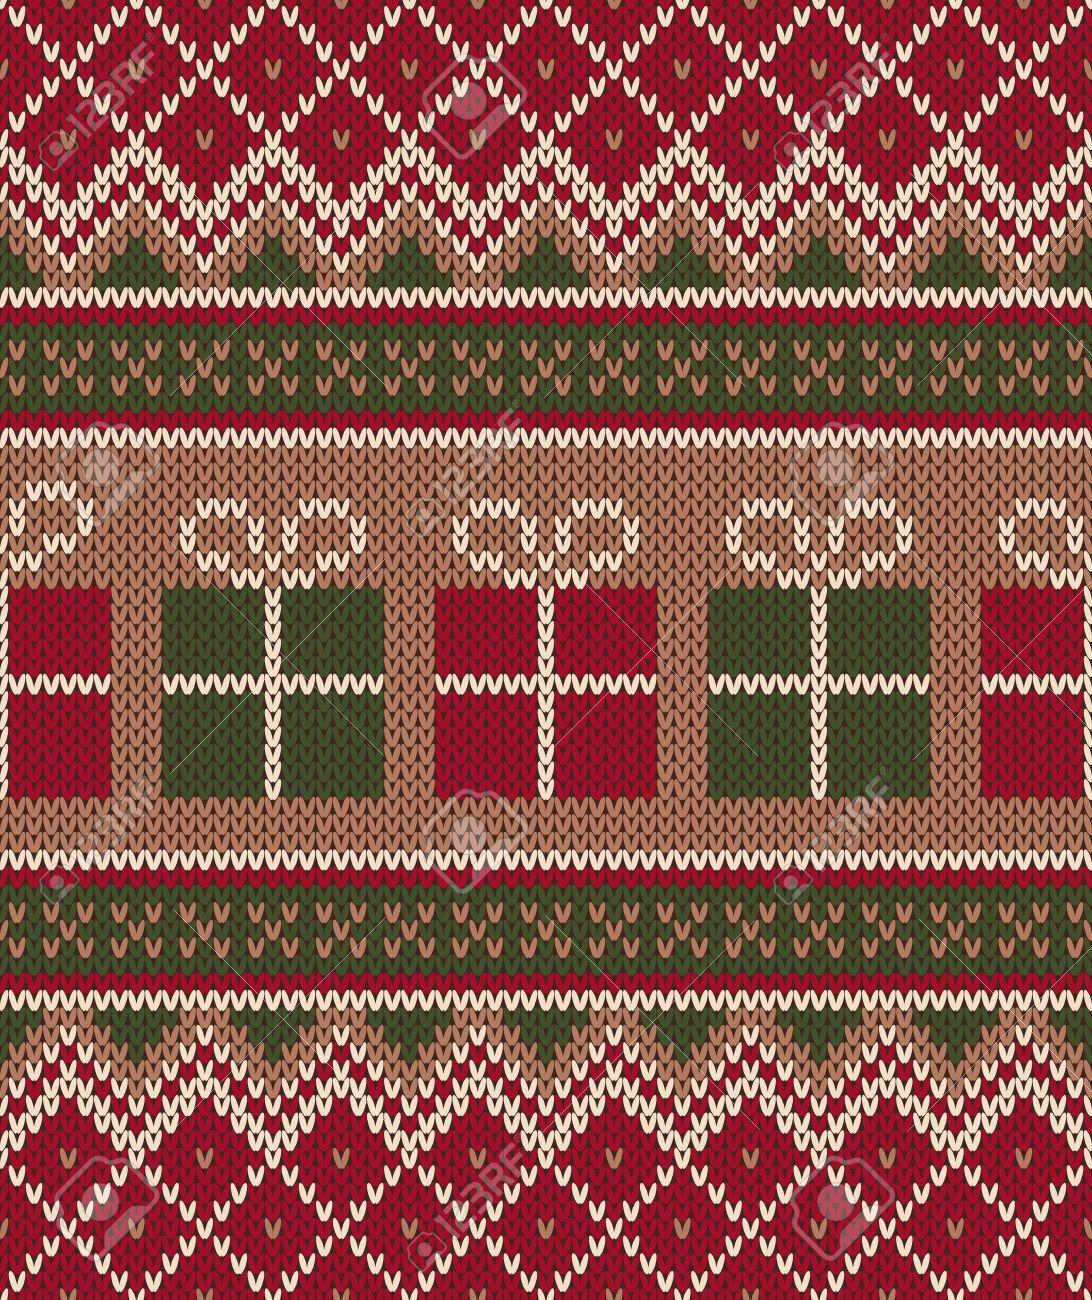 fbff38f85507 Christmas Sweater Design. Seamless Knitting Pattern